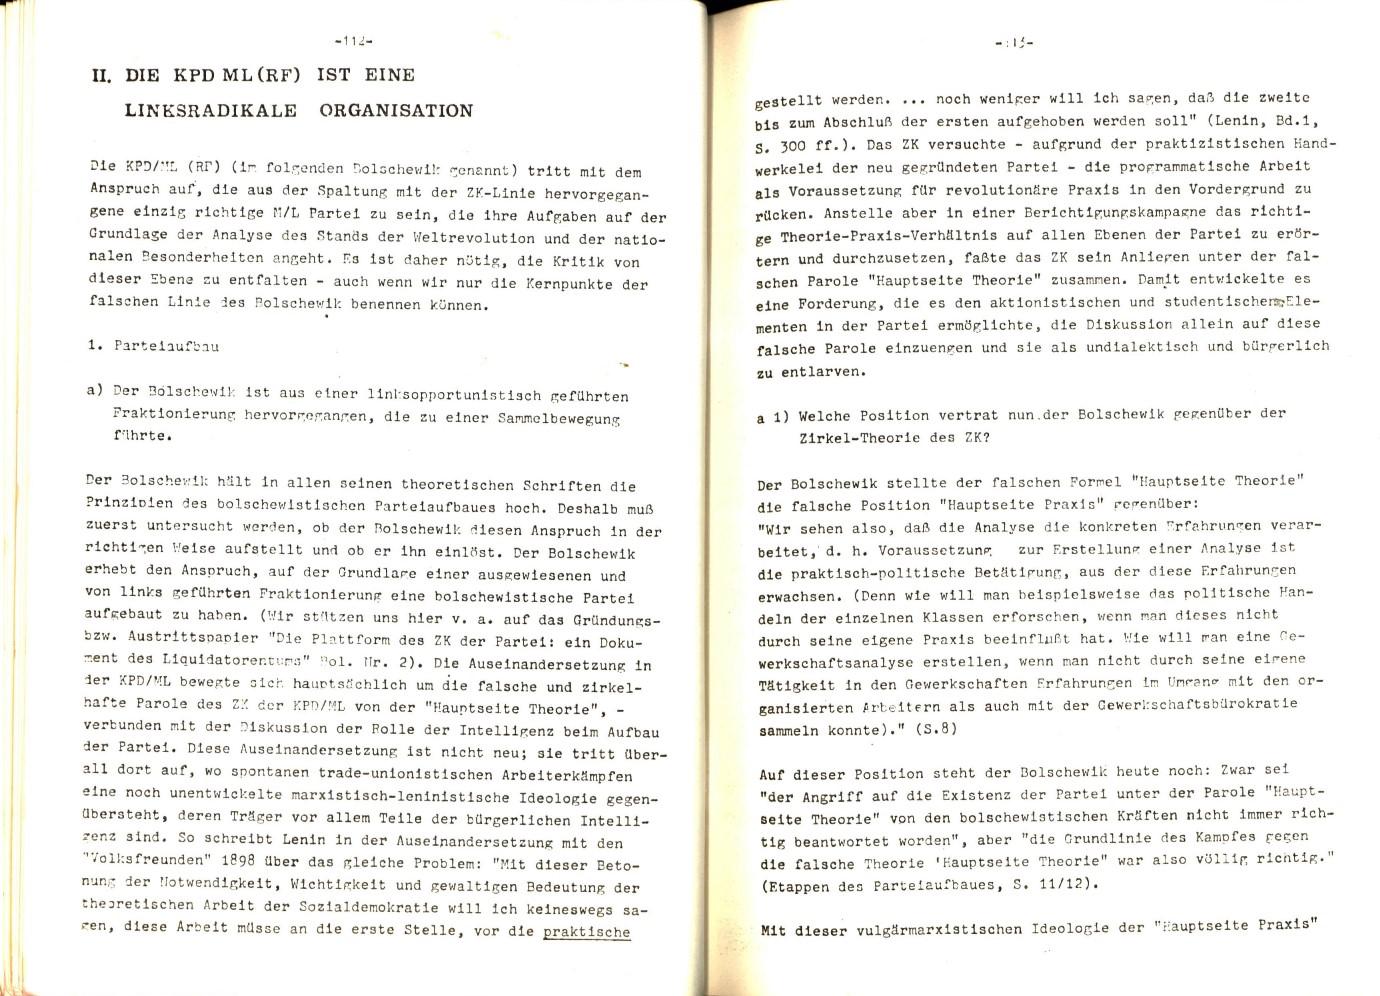 PLPI_1971_Aufloesung_59